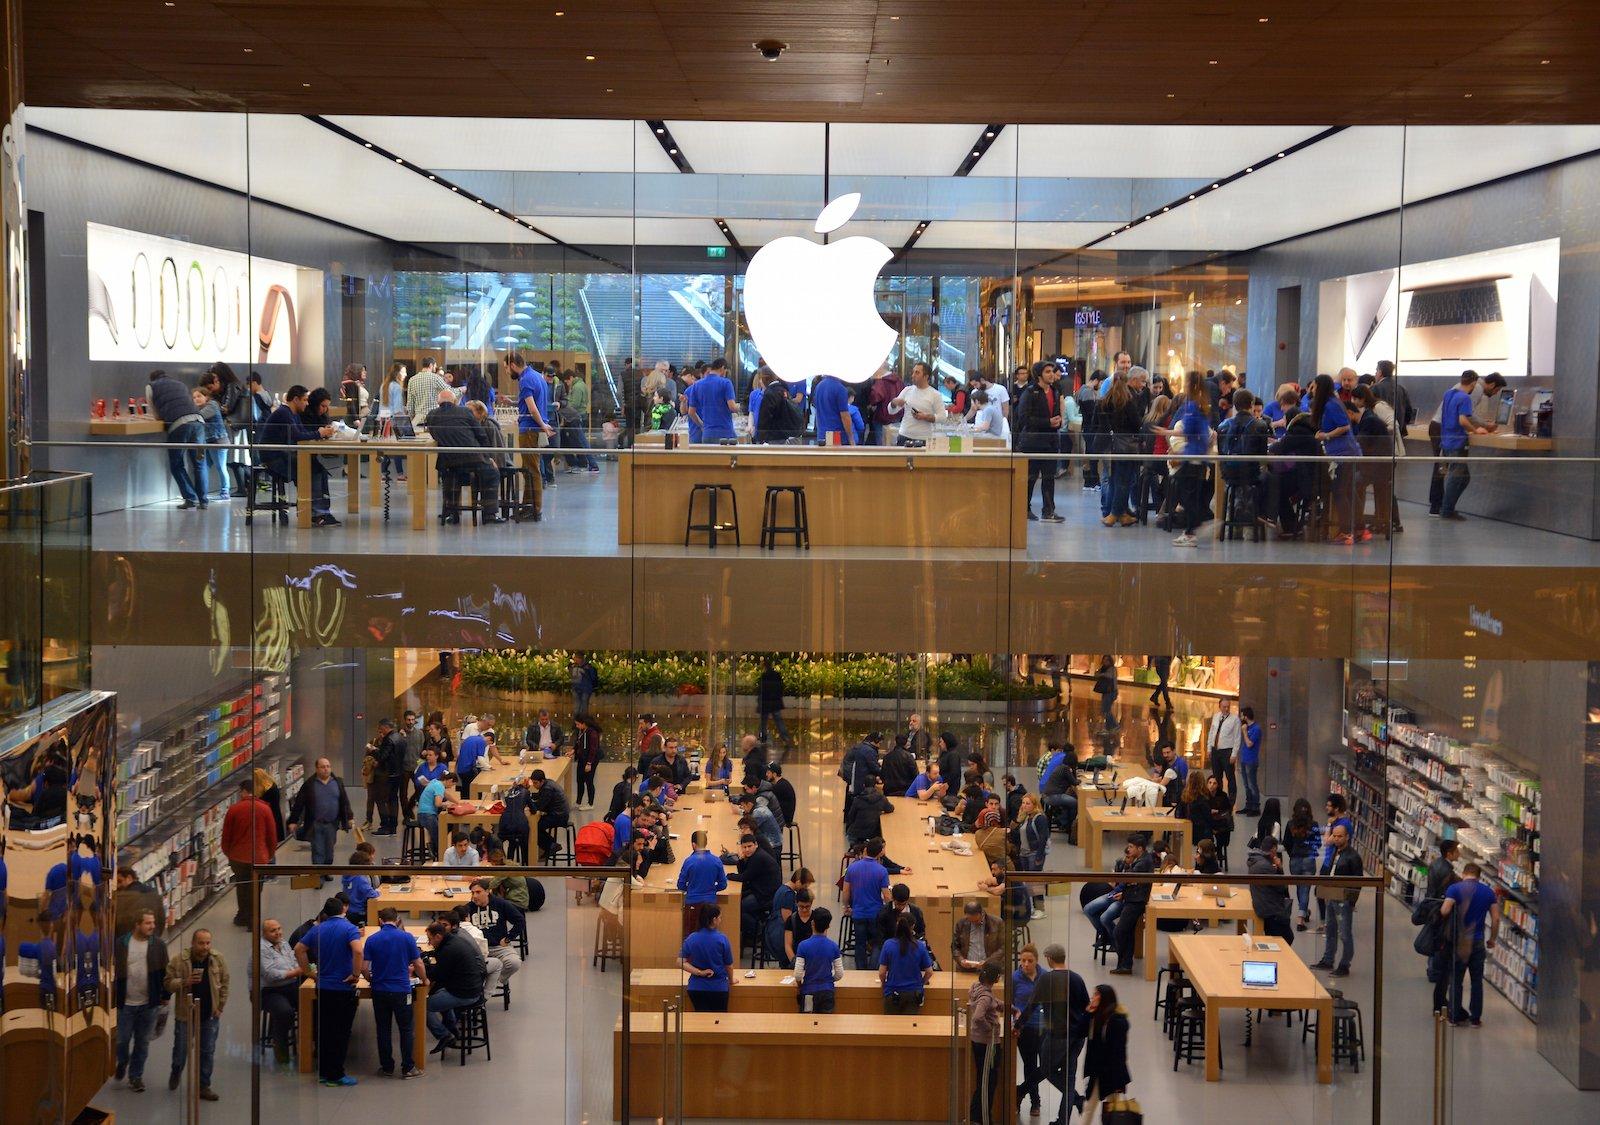 Apple Store'un İstanbul'daki ilk mağazasından bir görüntü